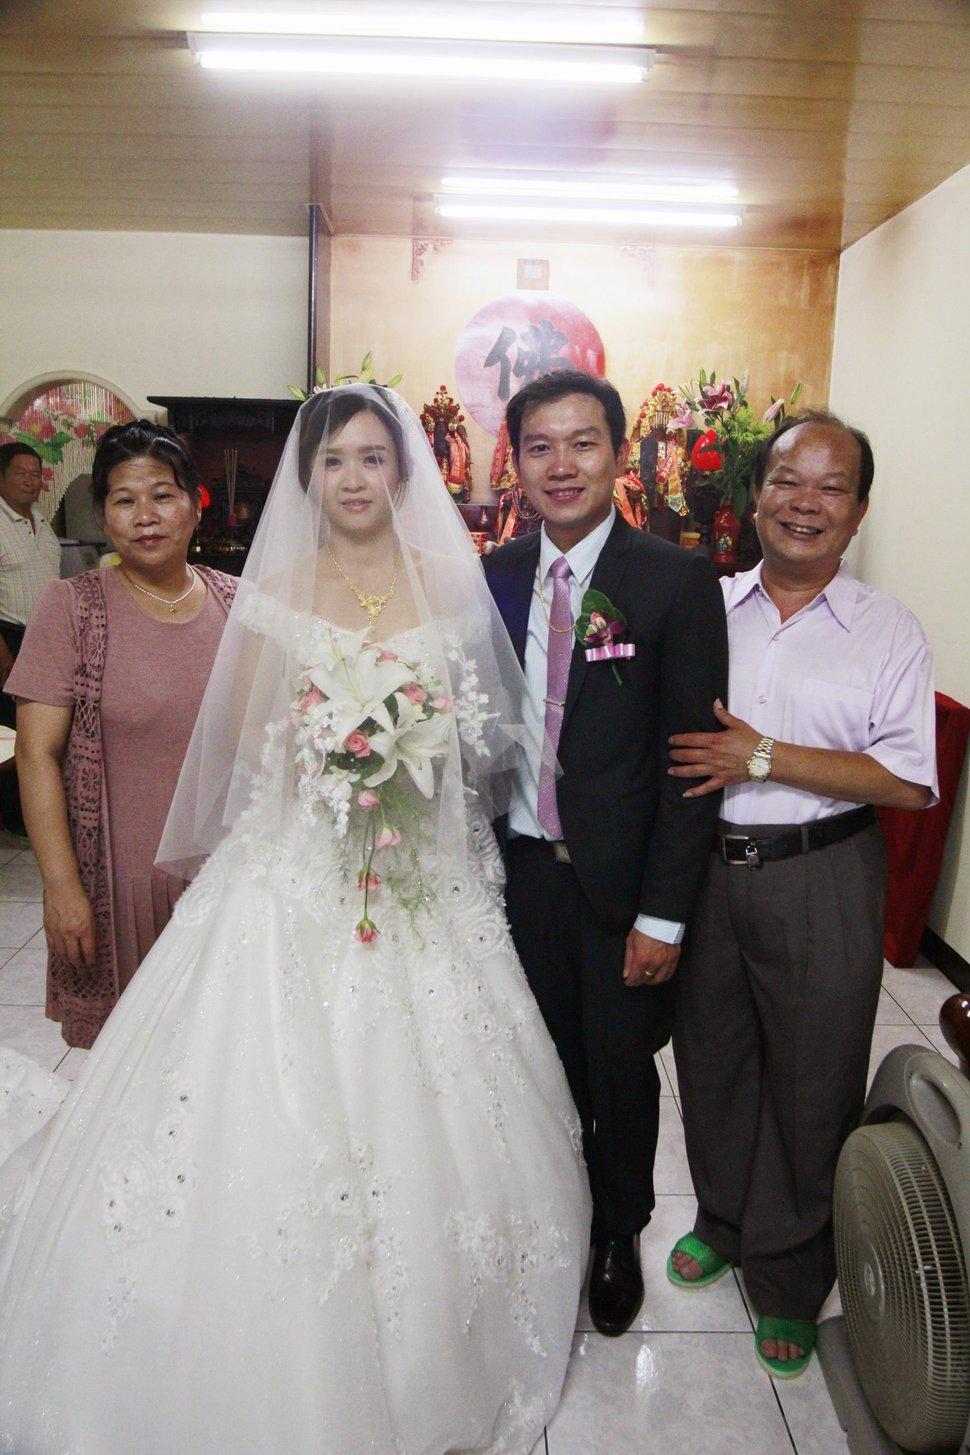 永和易牙居婚宴廣場宴會廳婚婚禮記錄結婚迎娶婚禮記錄動態微電影錄影專業錄影平面攝影婚攝婚禮(編號:213050) - 蜜月拍照10800錄影12800攝影團隊 - 結婚吧